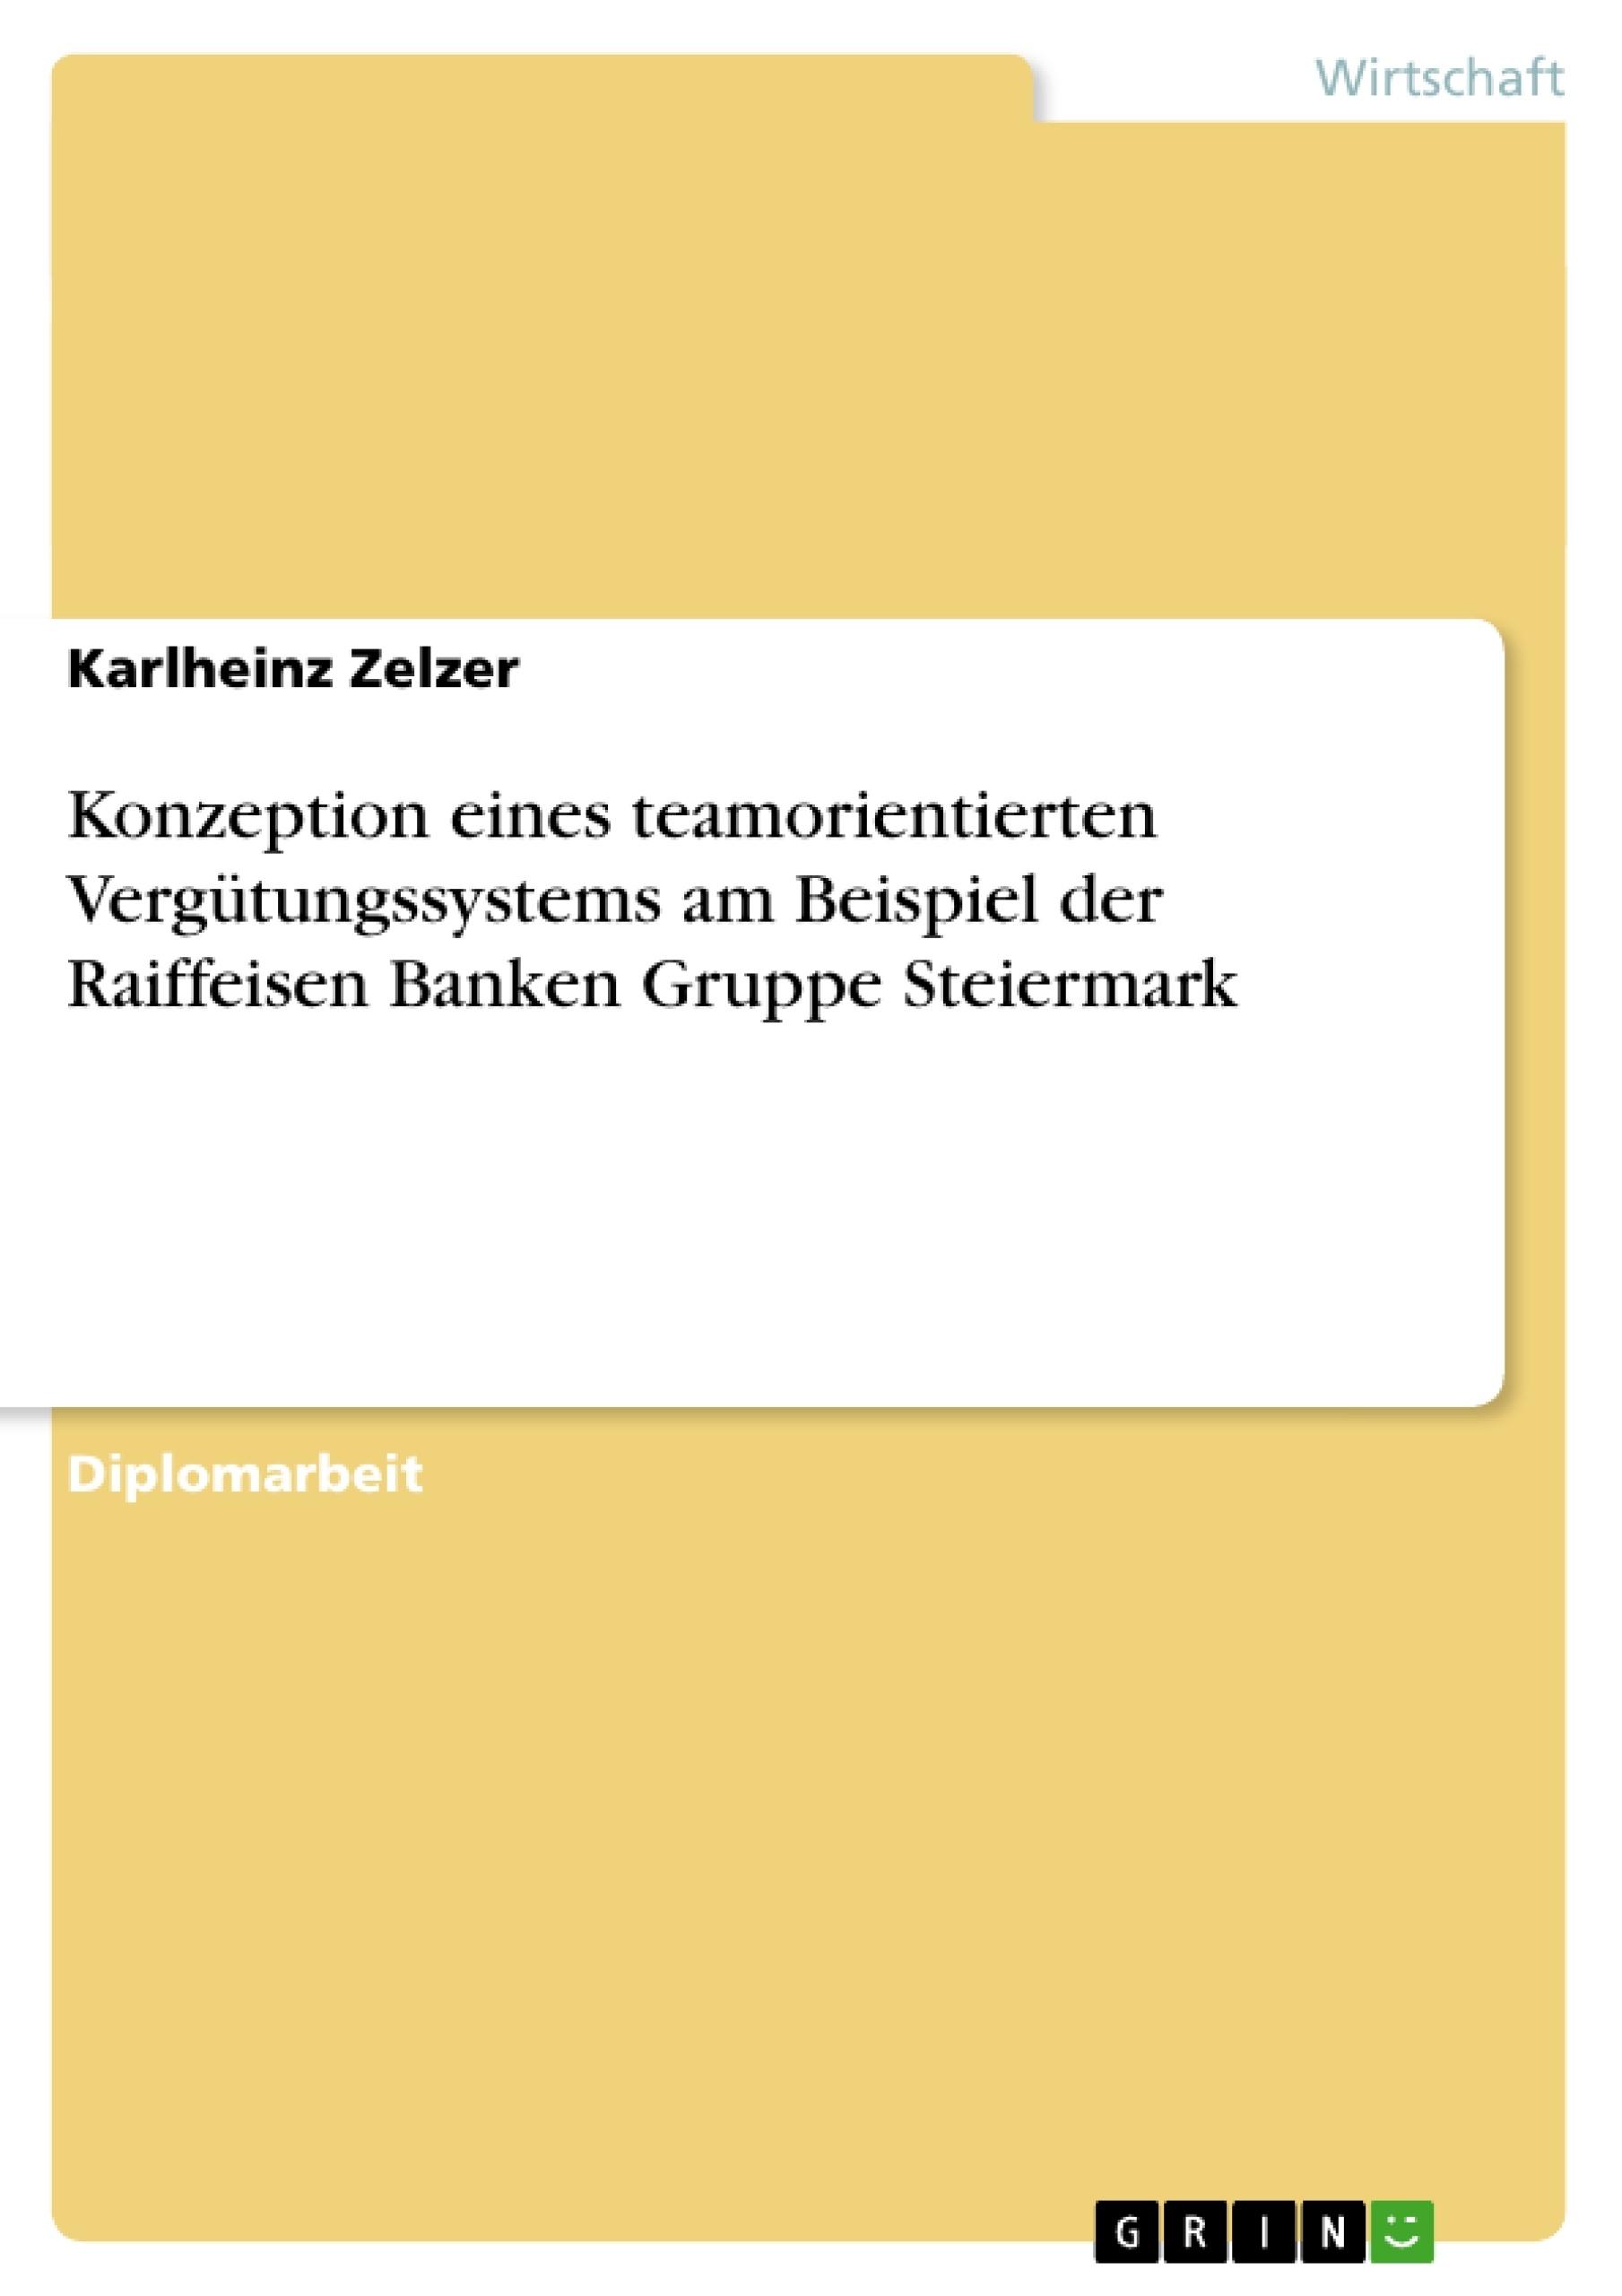 Titel: Konzeption eines teamorientierten Vergütungssystems am Beispiel der Raiffeisen Banken Gruppe Steiermark